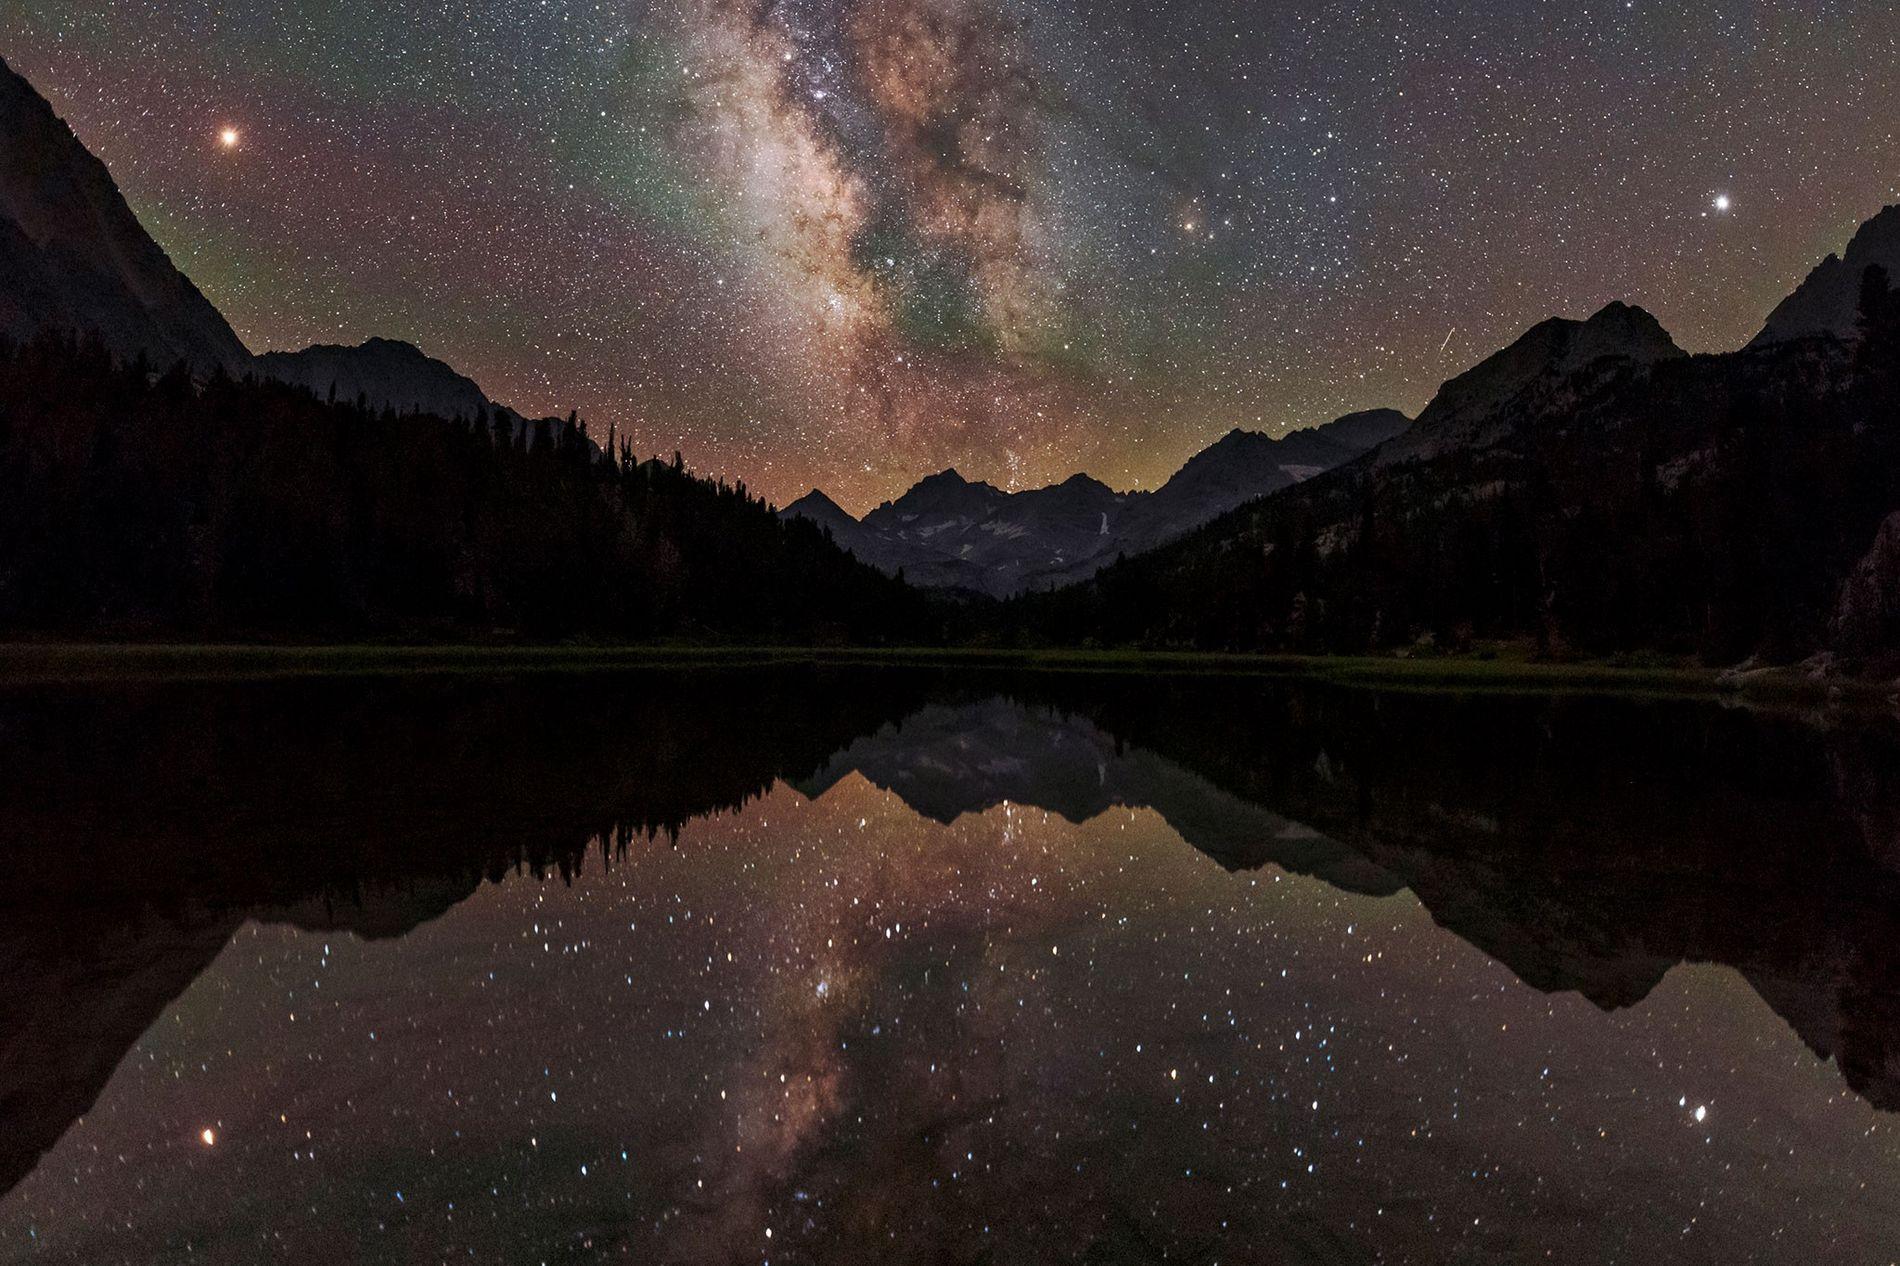 La Vía Láctea se refleja sobre un lago de montaña en California. Desde dentro de uno de los brazos espirales de la galaxia, podemos contemplar la densa región interna del disco en forma de una franja distintiva de estrellas, pero nos cuesta más percibir la forma a gran escala de la galaxia.